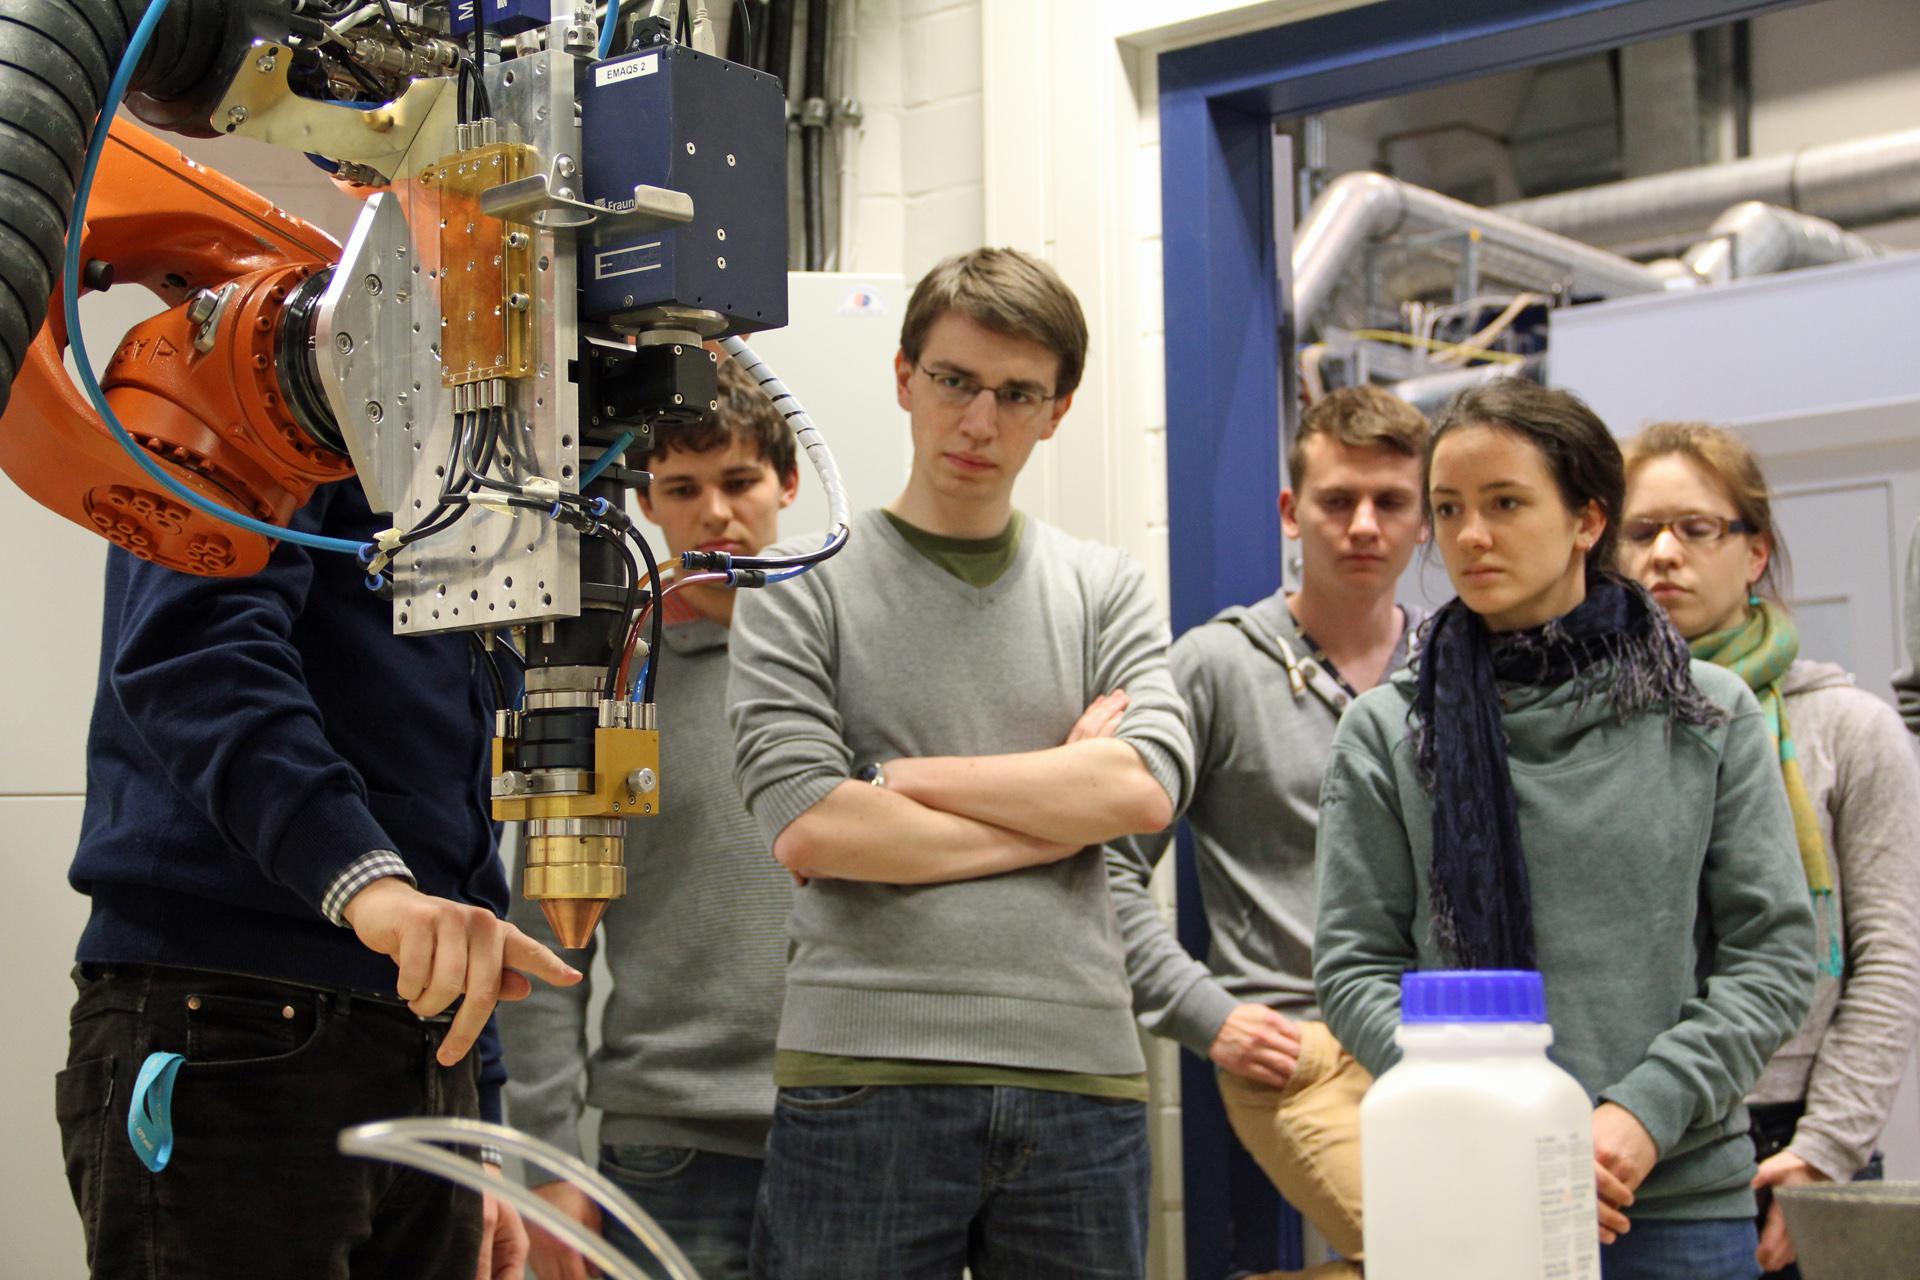 Fünf Studierende betrachten einen Industrieroboterarm, an dem ein Laserkopf befestig ist.